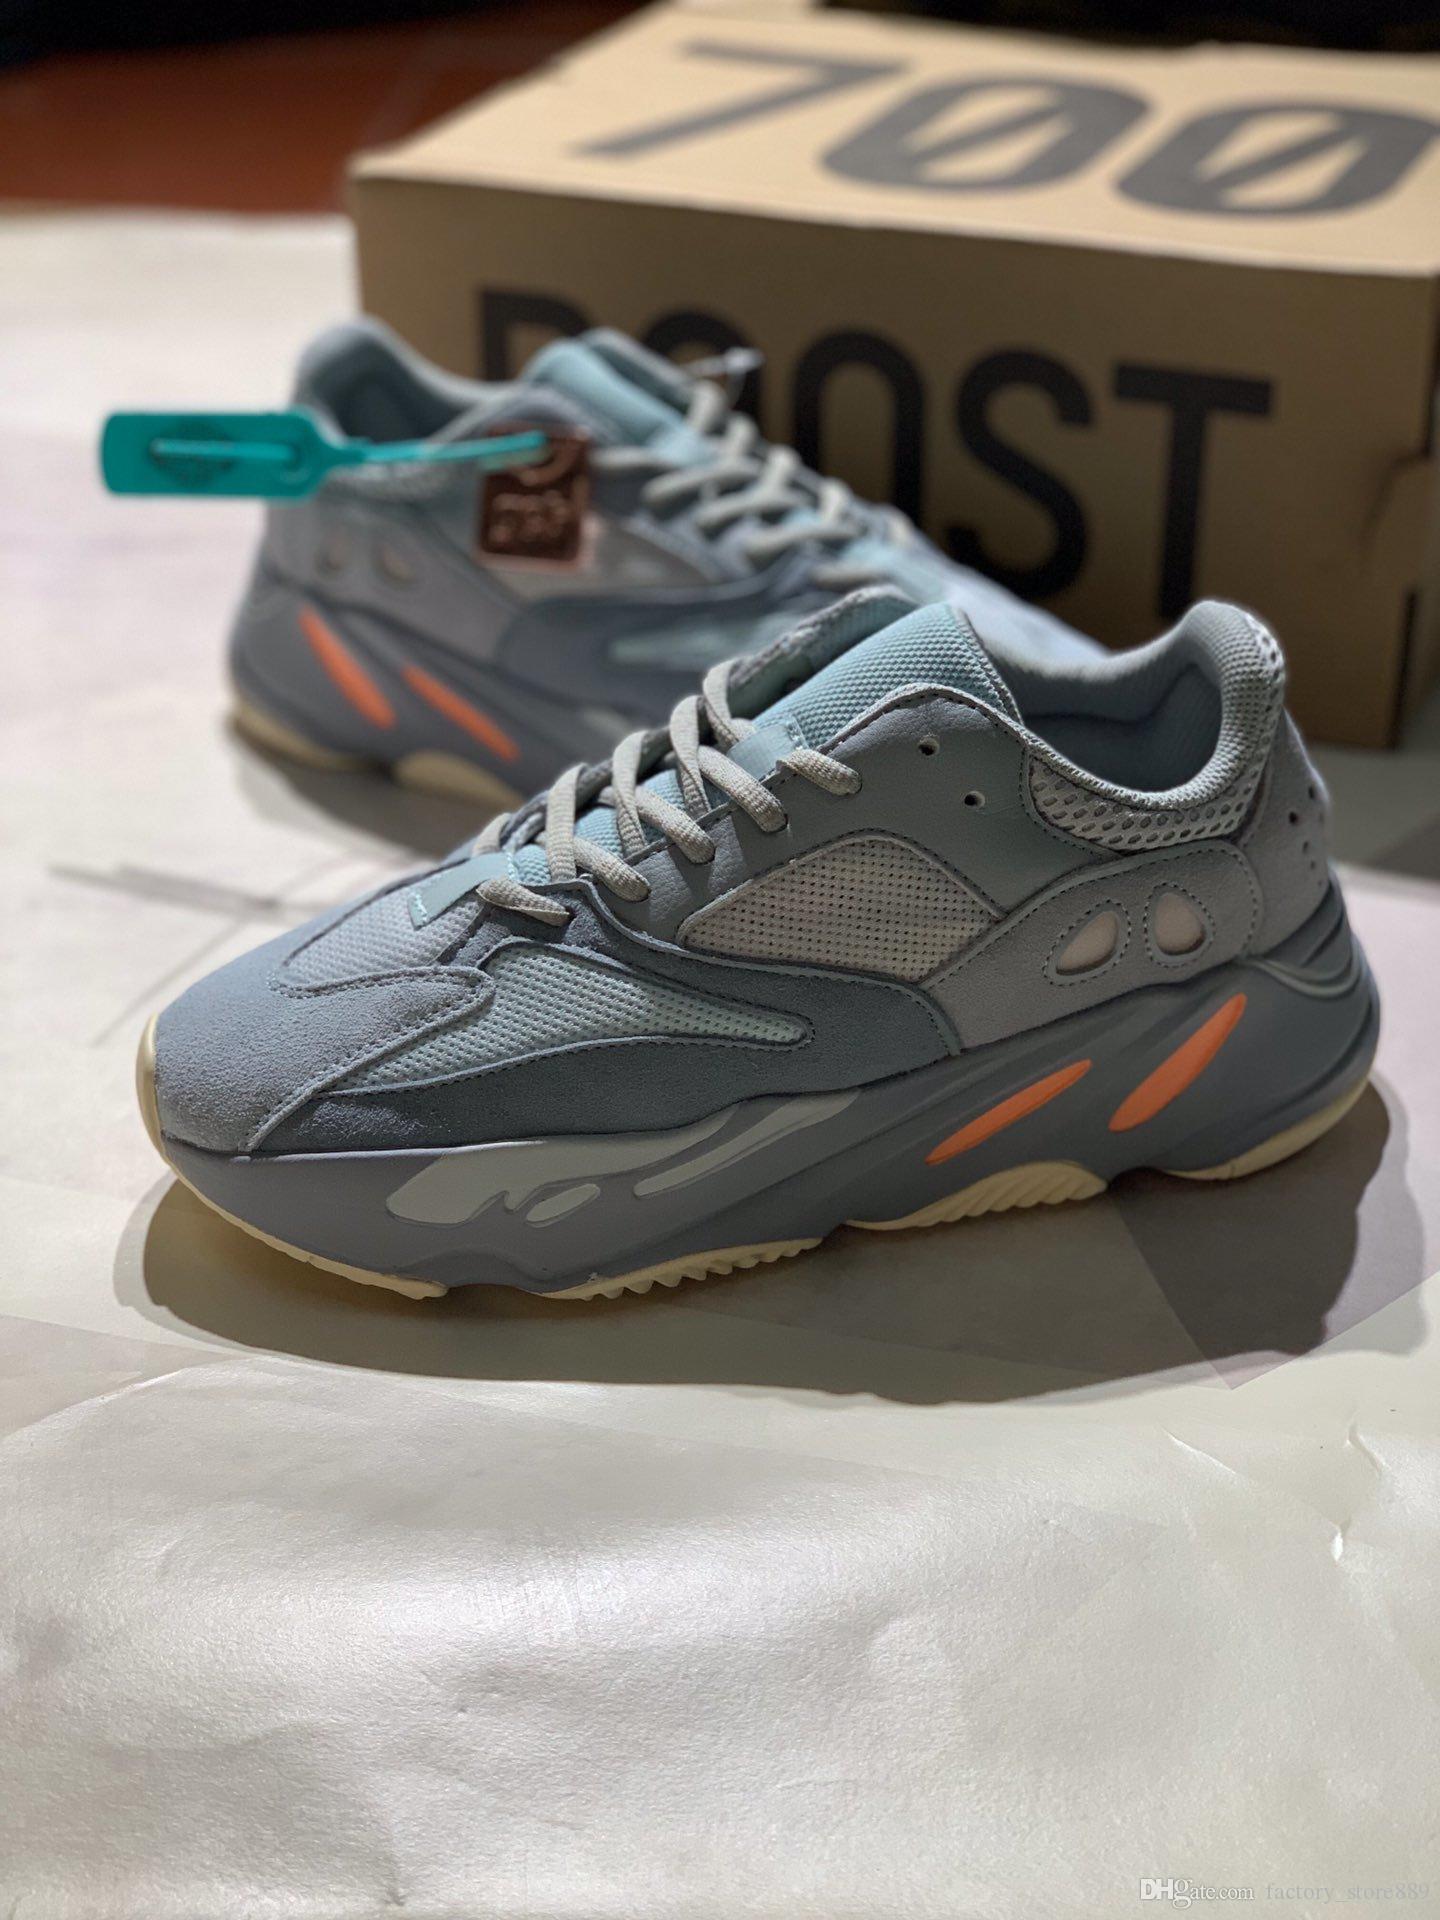 Üst Kalite Yansıtıcı 700 Dalga Atalet Tephra Katı Gri Utility Siyah Vanta Erkekler Tasarımcı Ayakkabı Kadınlar Statik Süet Sneakers Ayakkabı